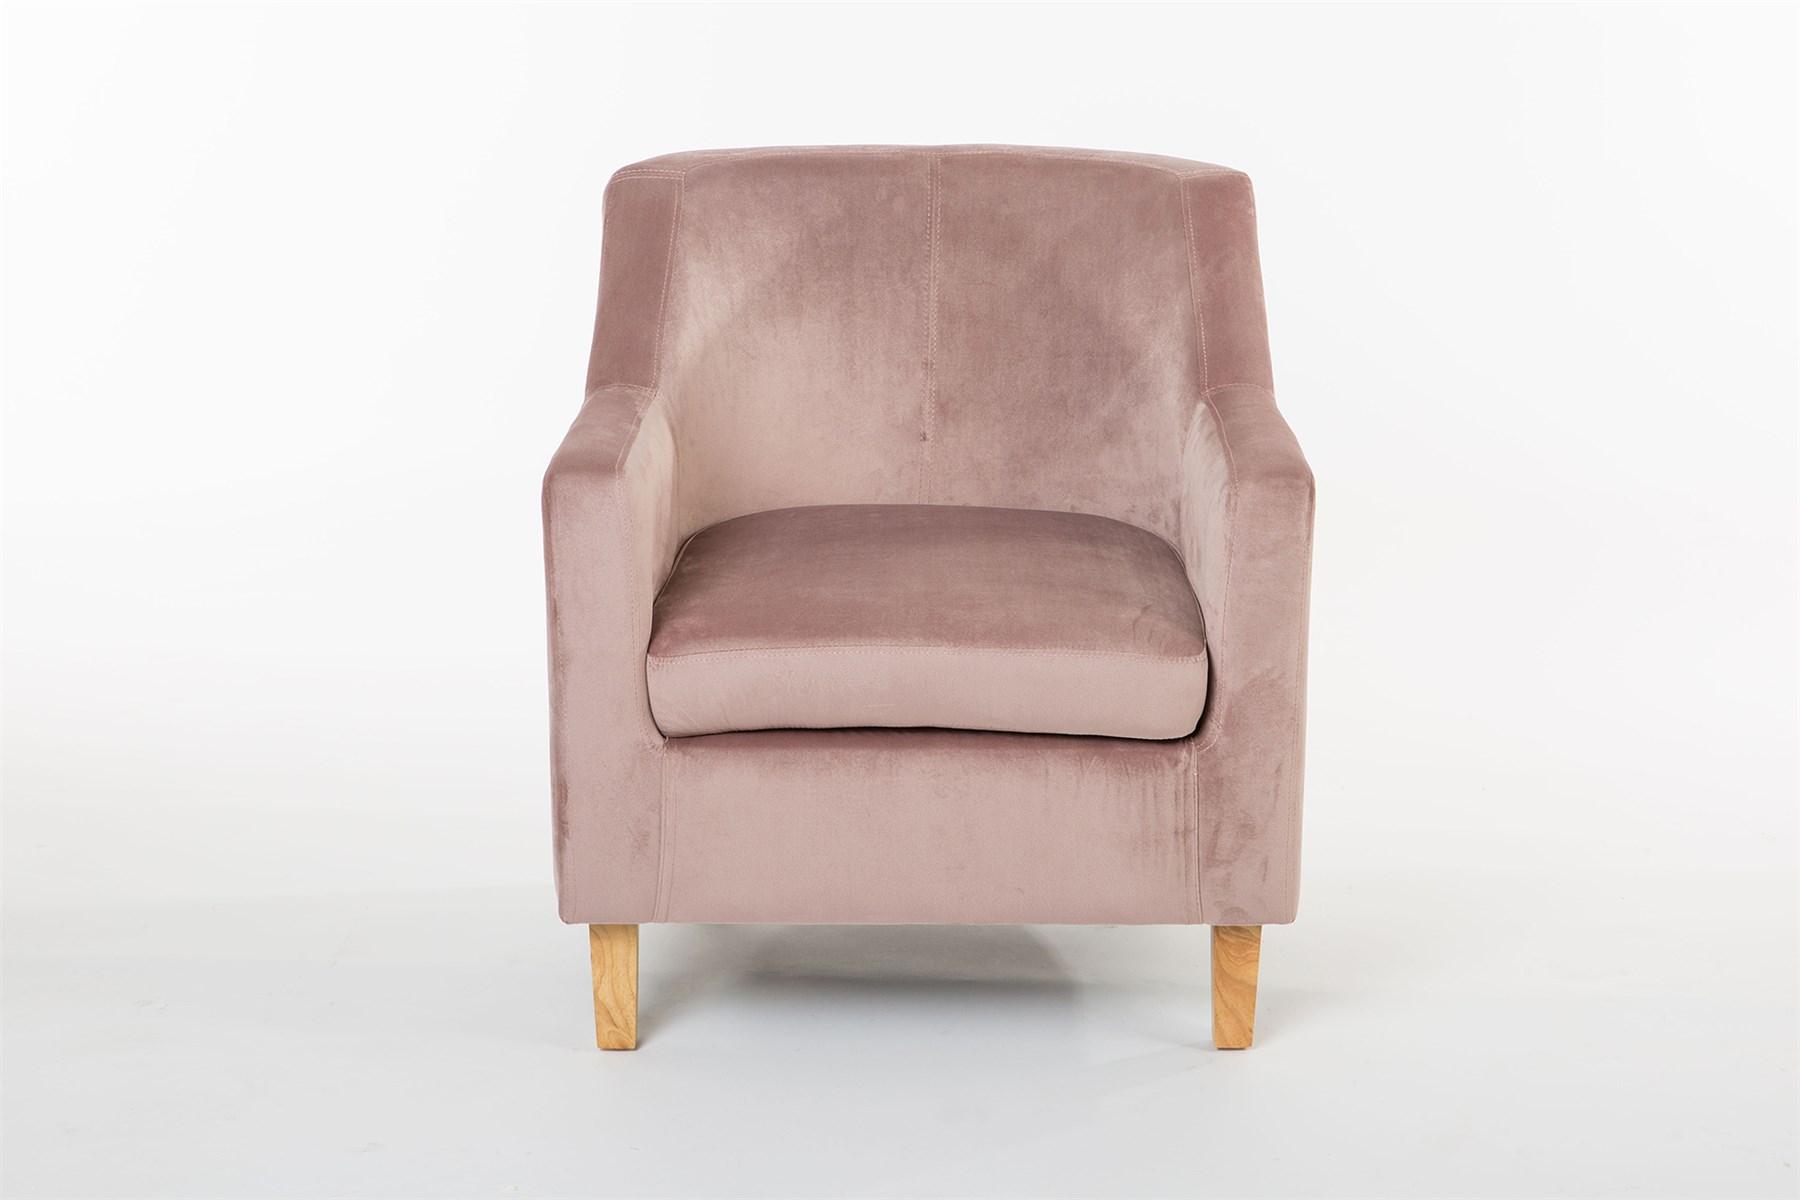 32007-sillon-eva-terciopelo-rosa-1.jpg